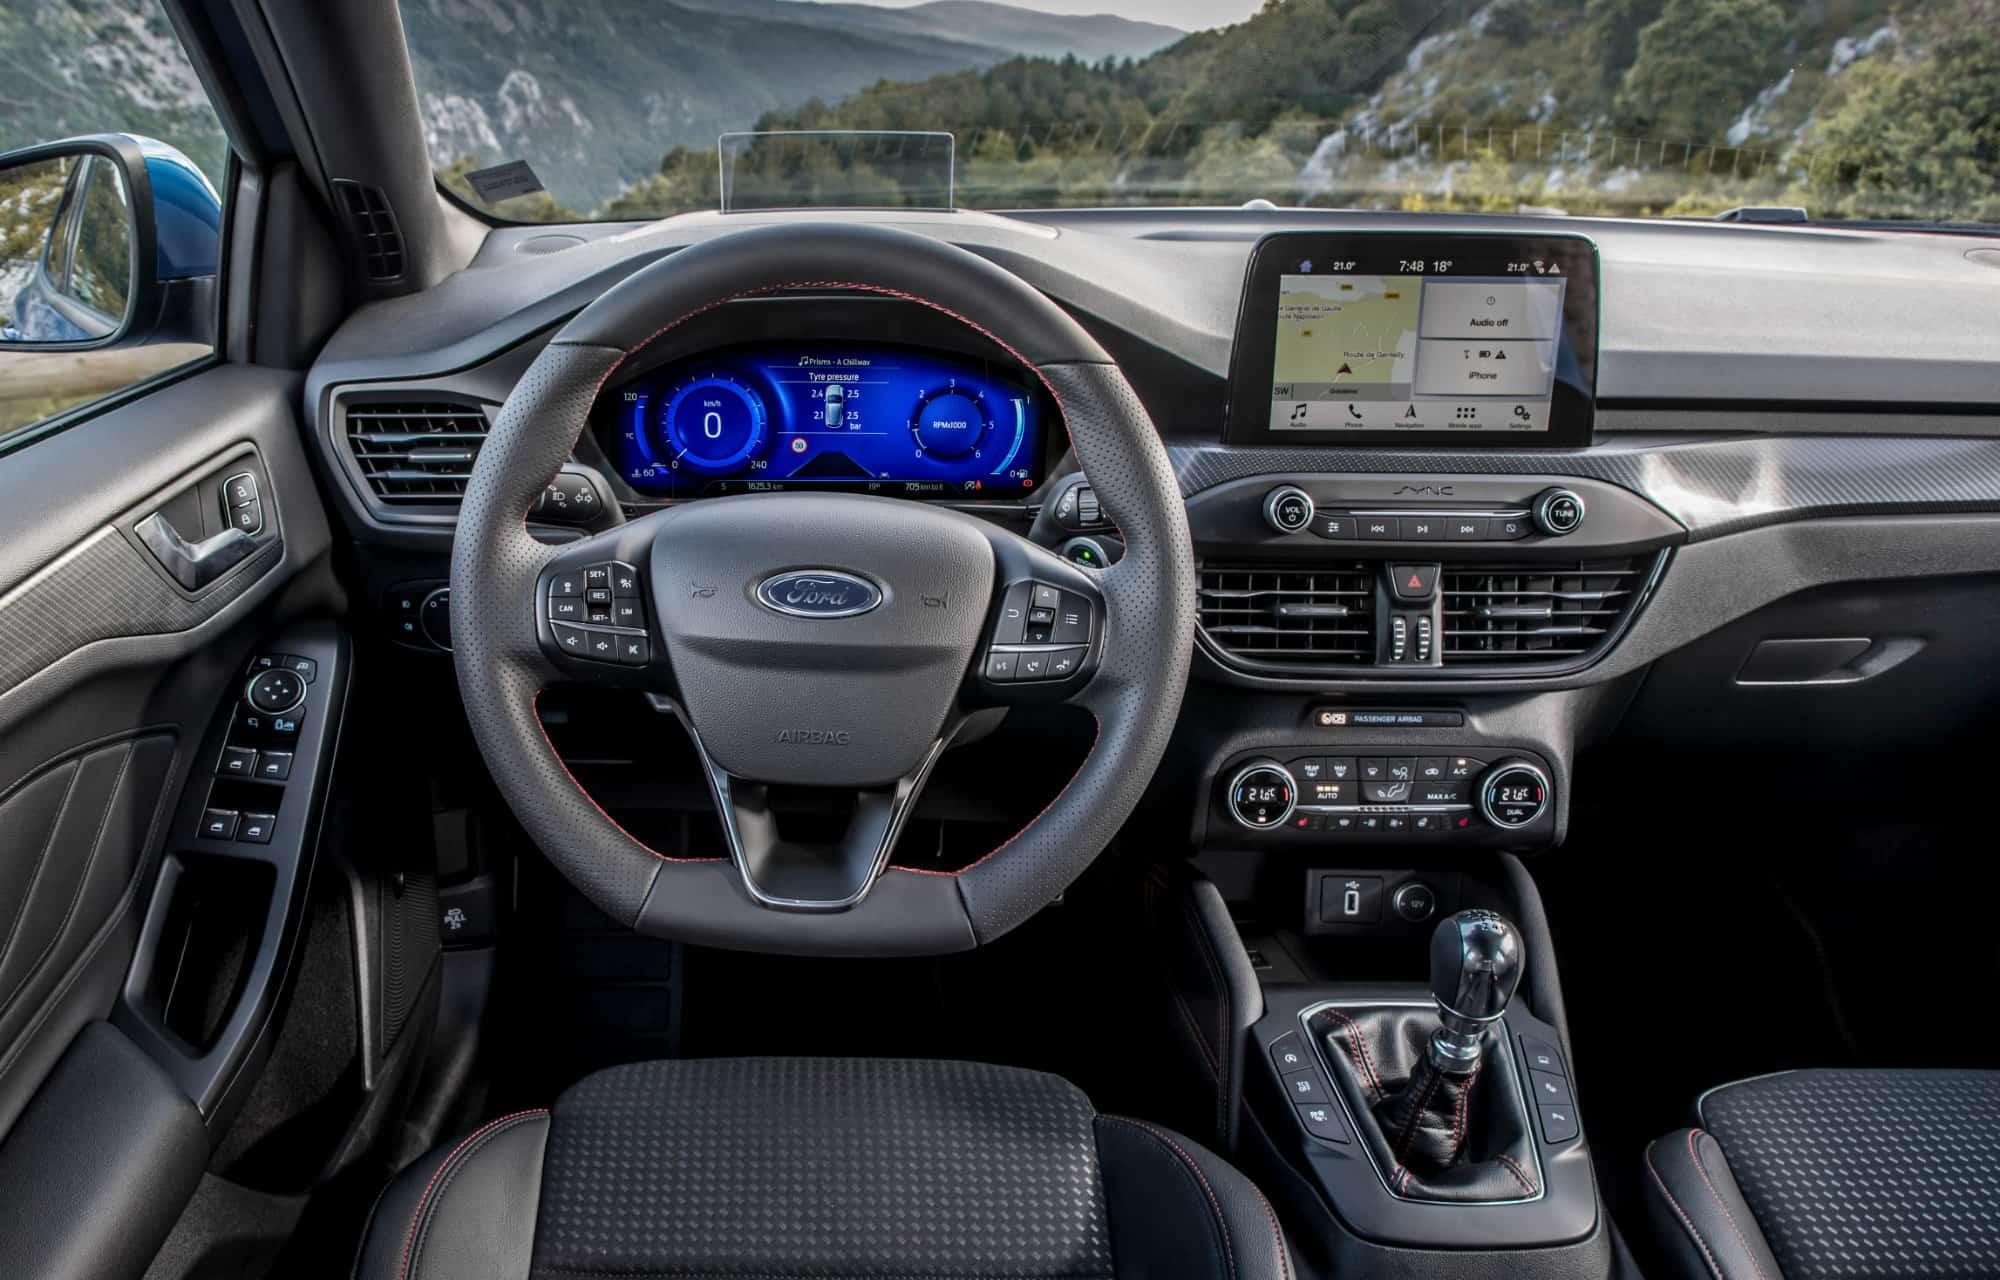 Ford Focus interiør